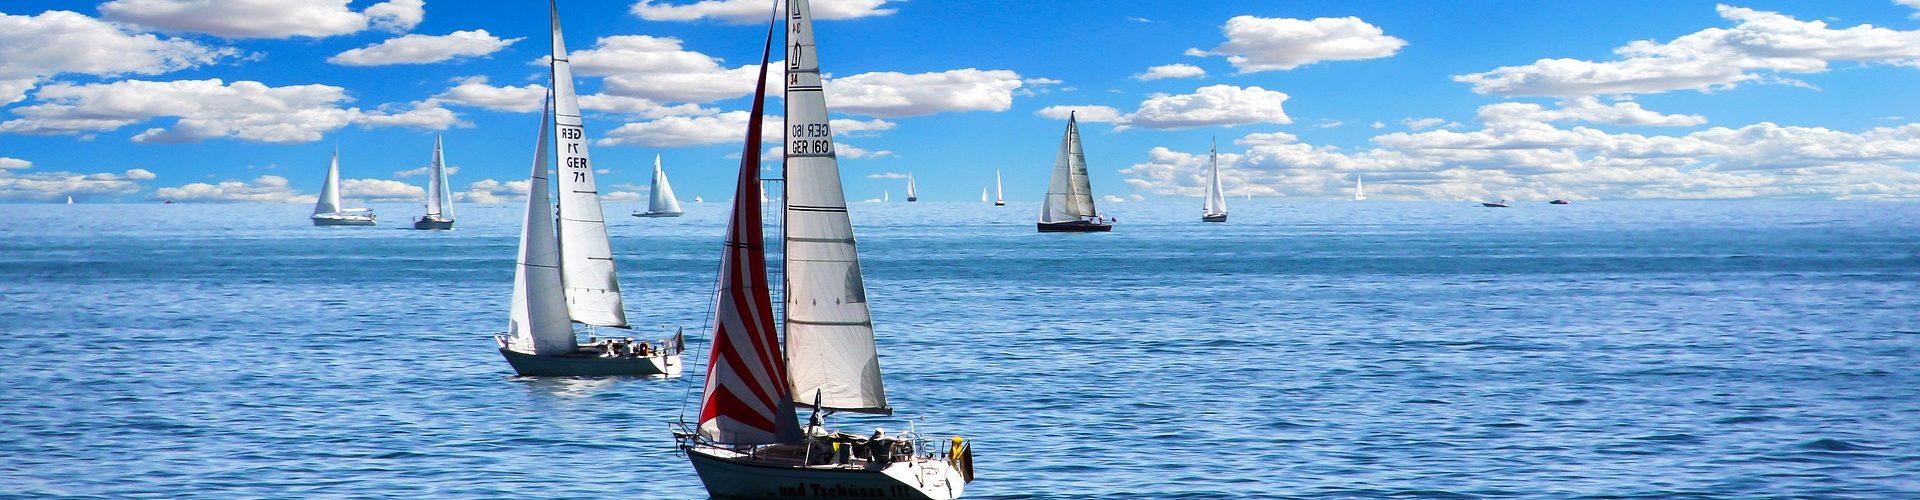 segeln lernen in Rodewisch segelschein machen in Rodewisch 1920x500 - Segeln lernen in Rodewisch